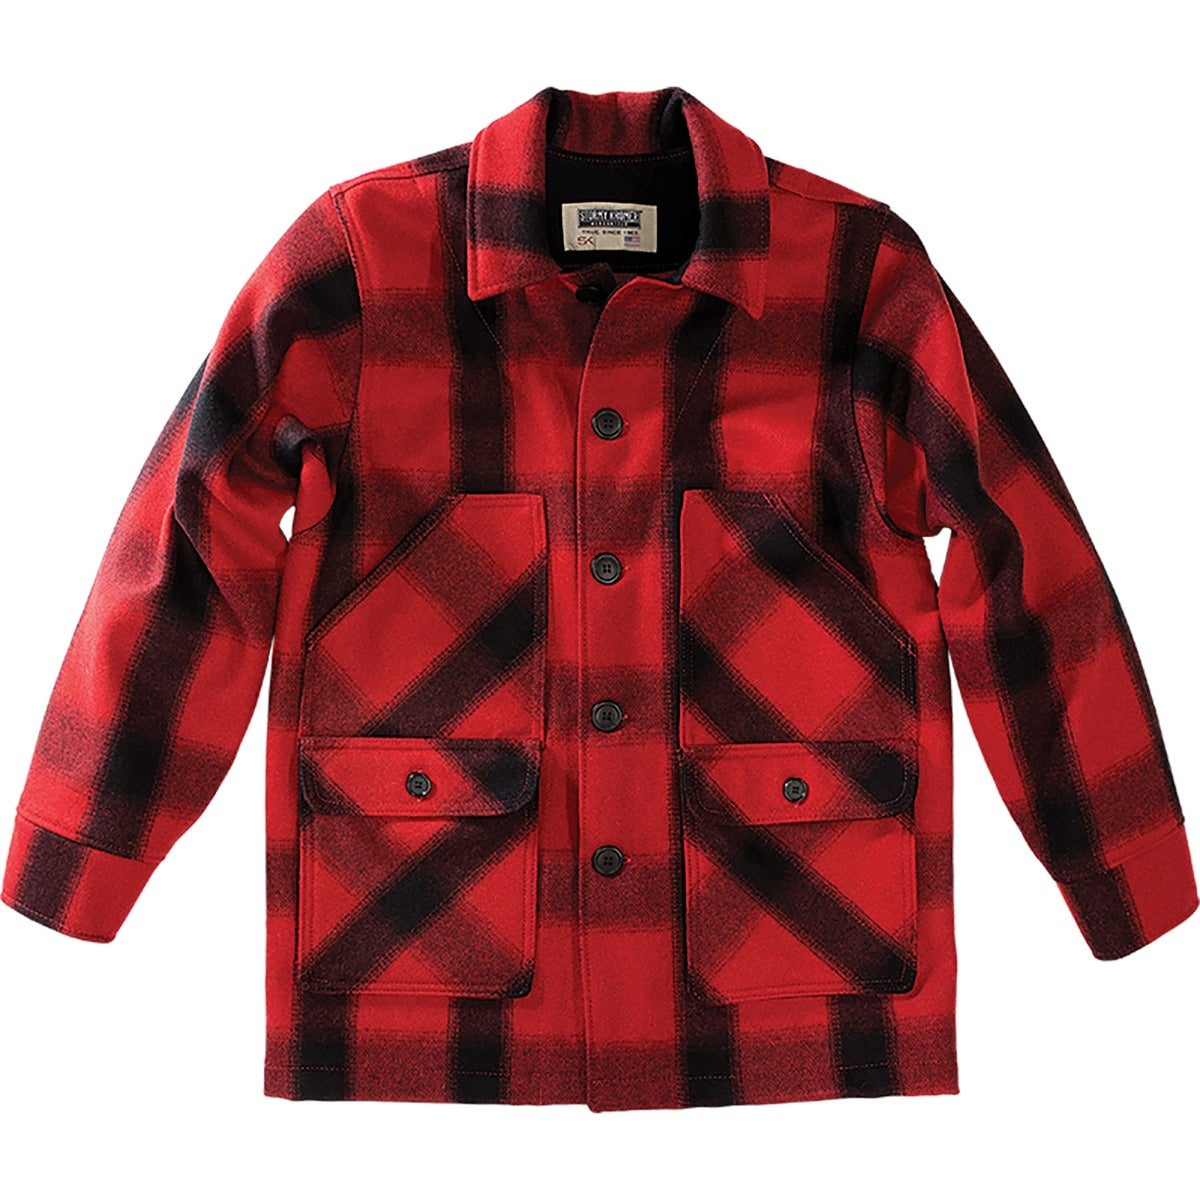 50s Men's Jackets| Greaser Jackets, Leather, Bomber, Gaberdine Mackinaw Coat $279.99 AT vintagedancer.com